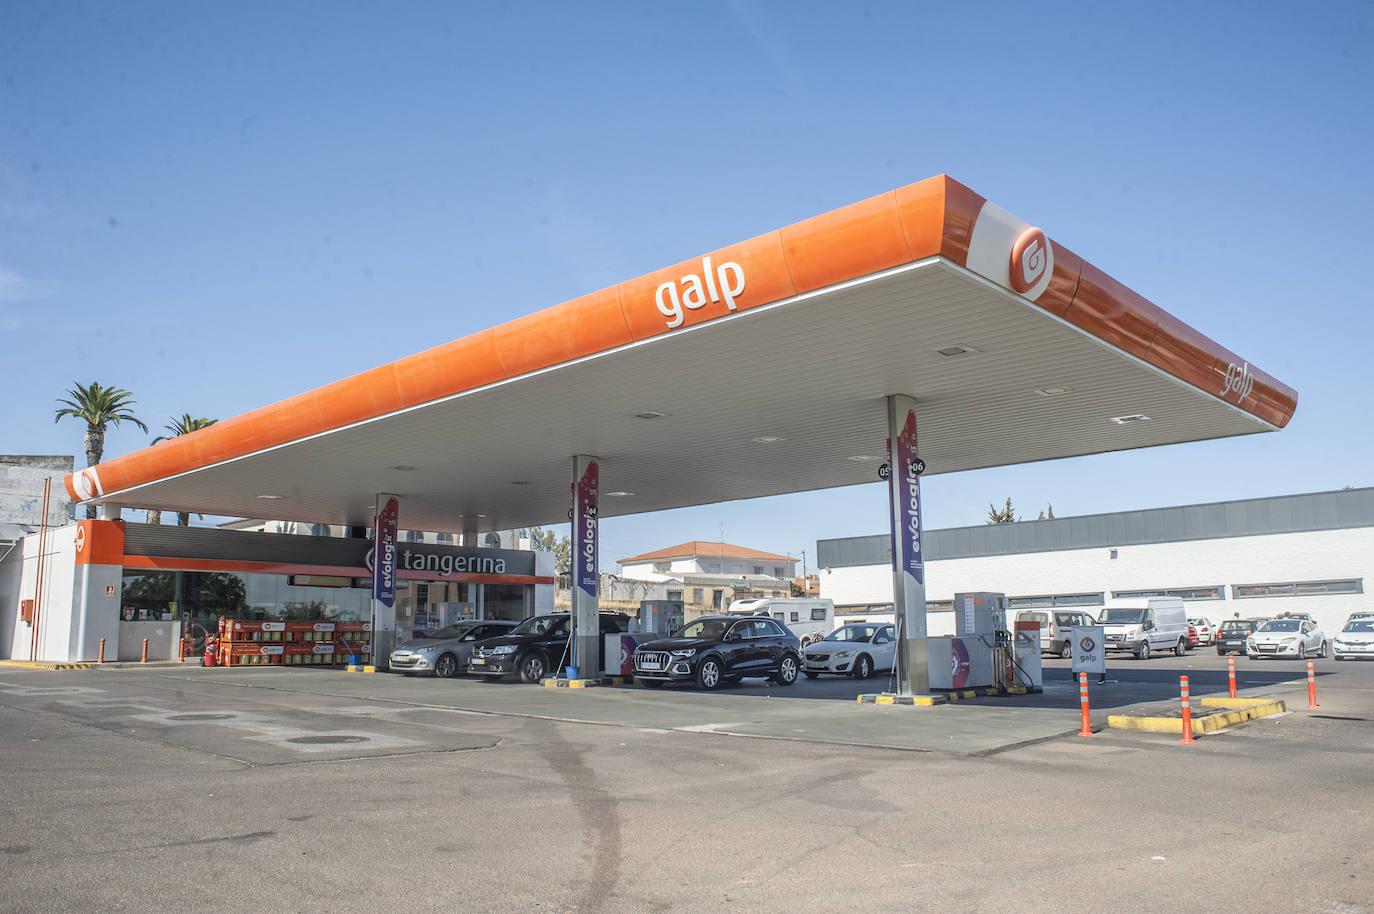 Las gasolineras ya notan la huelga en Portugal, pero sin colas